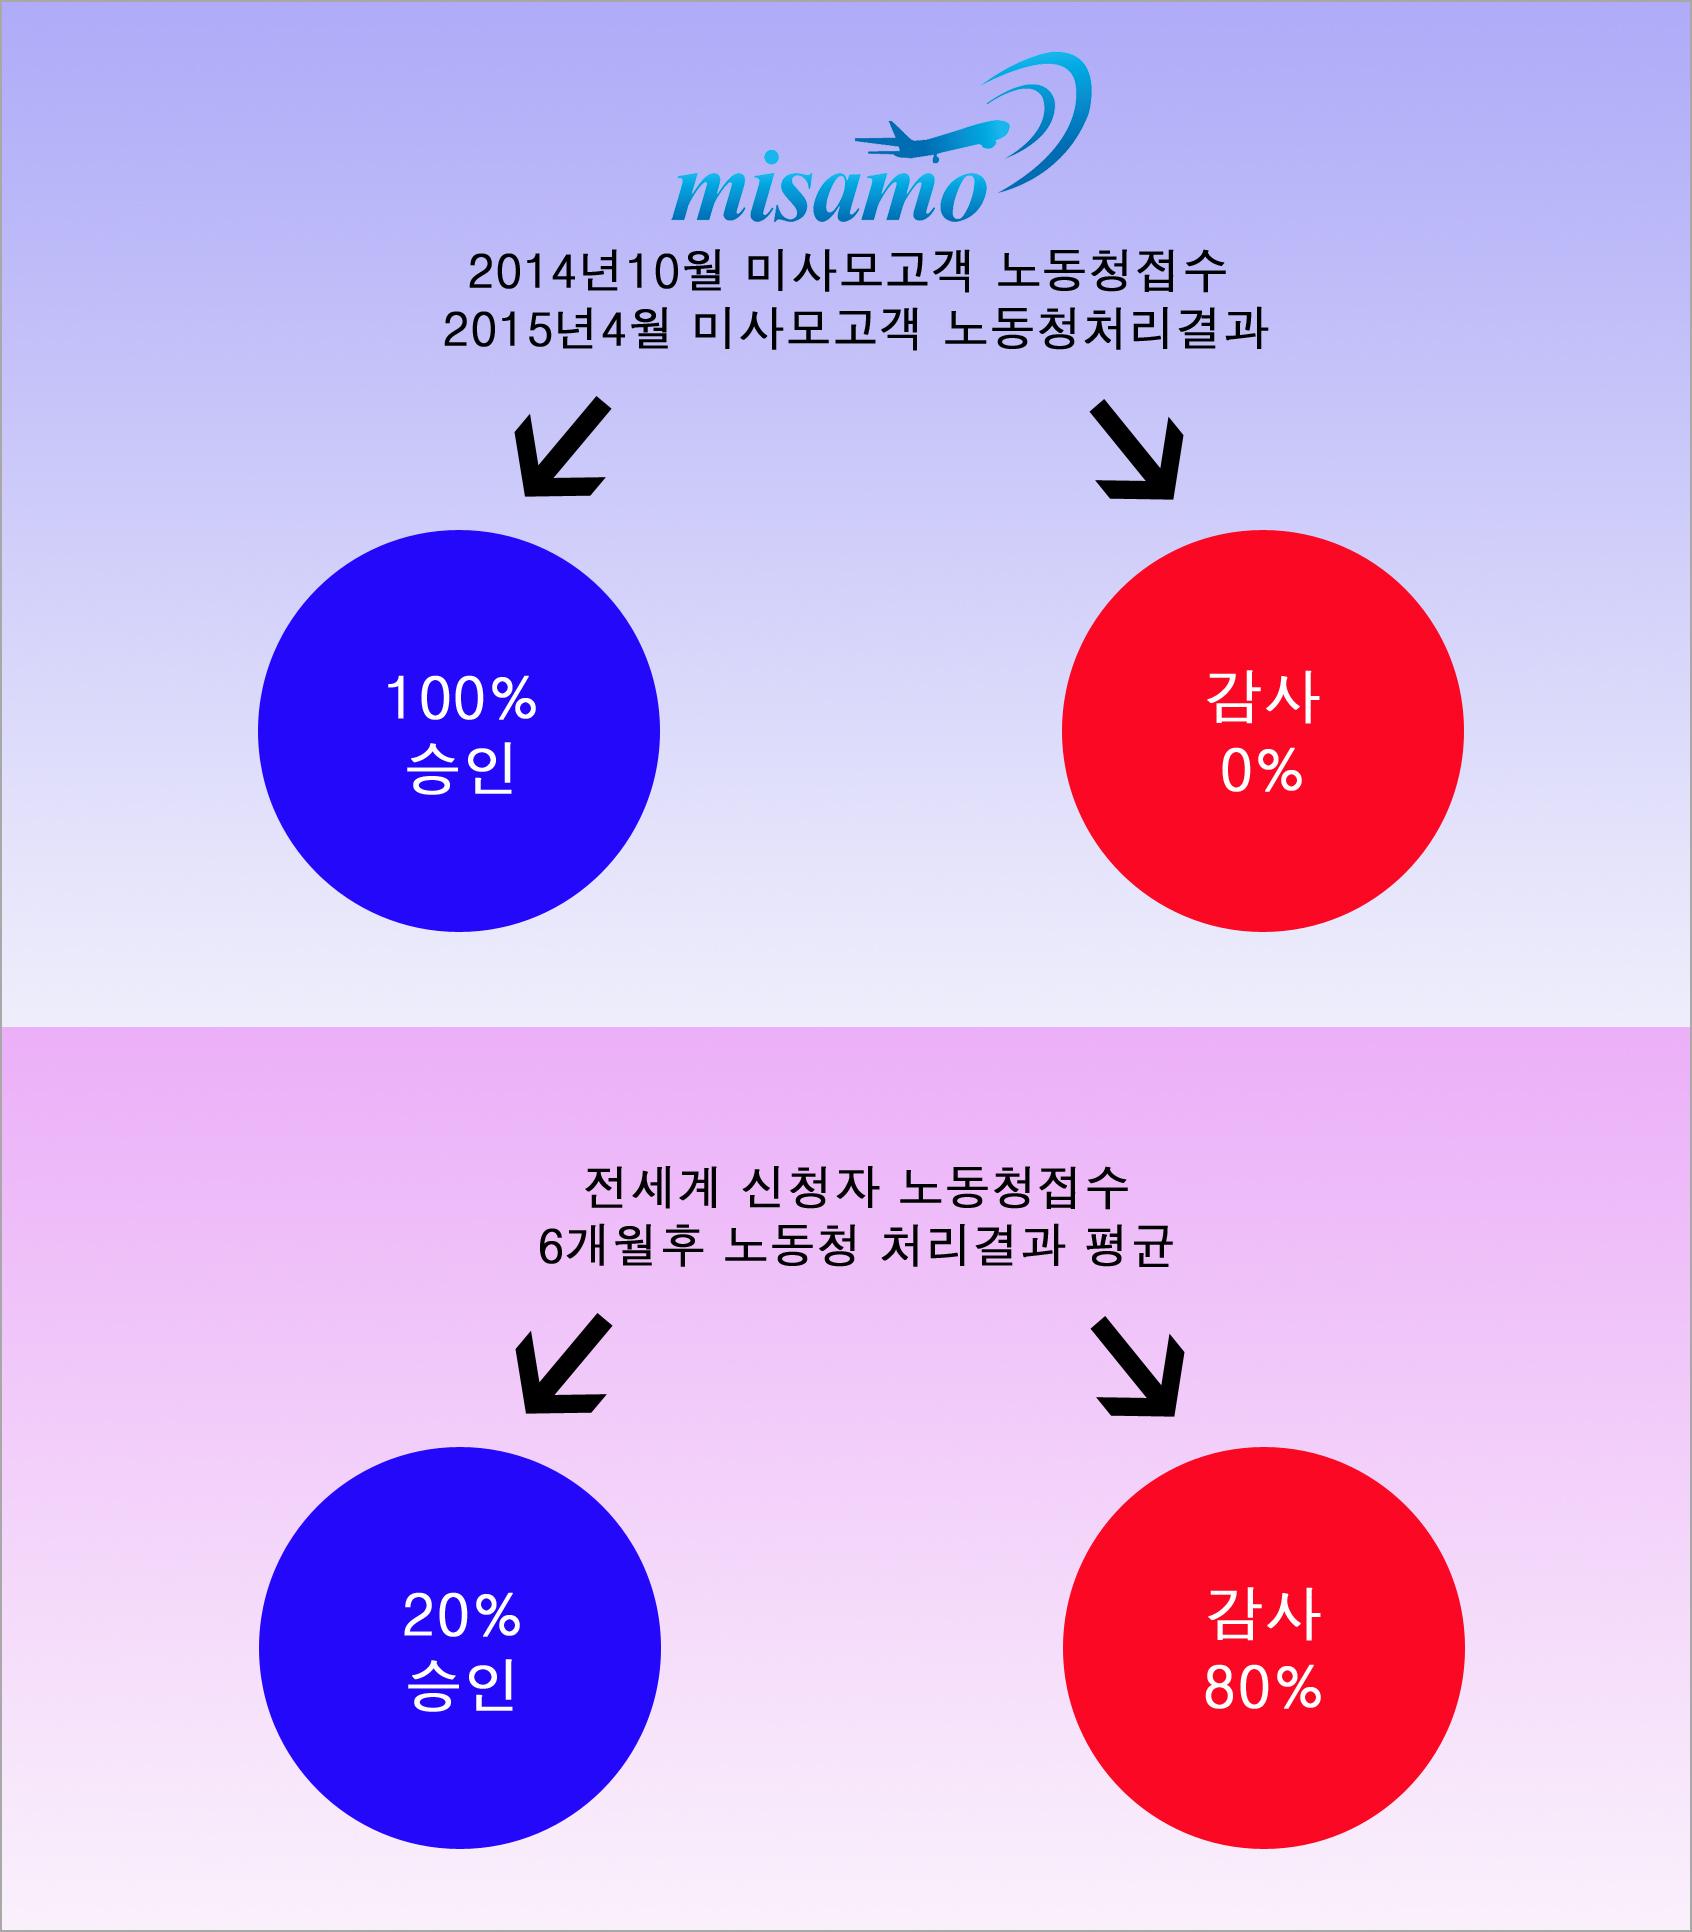 미사모_노동허가승인율.jpg